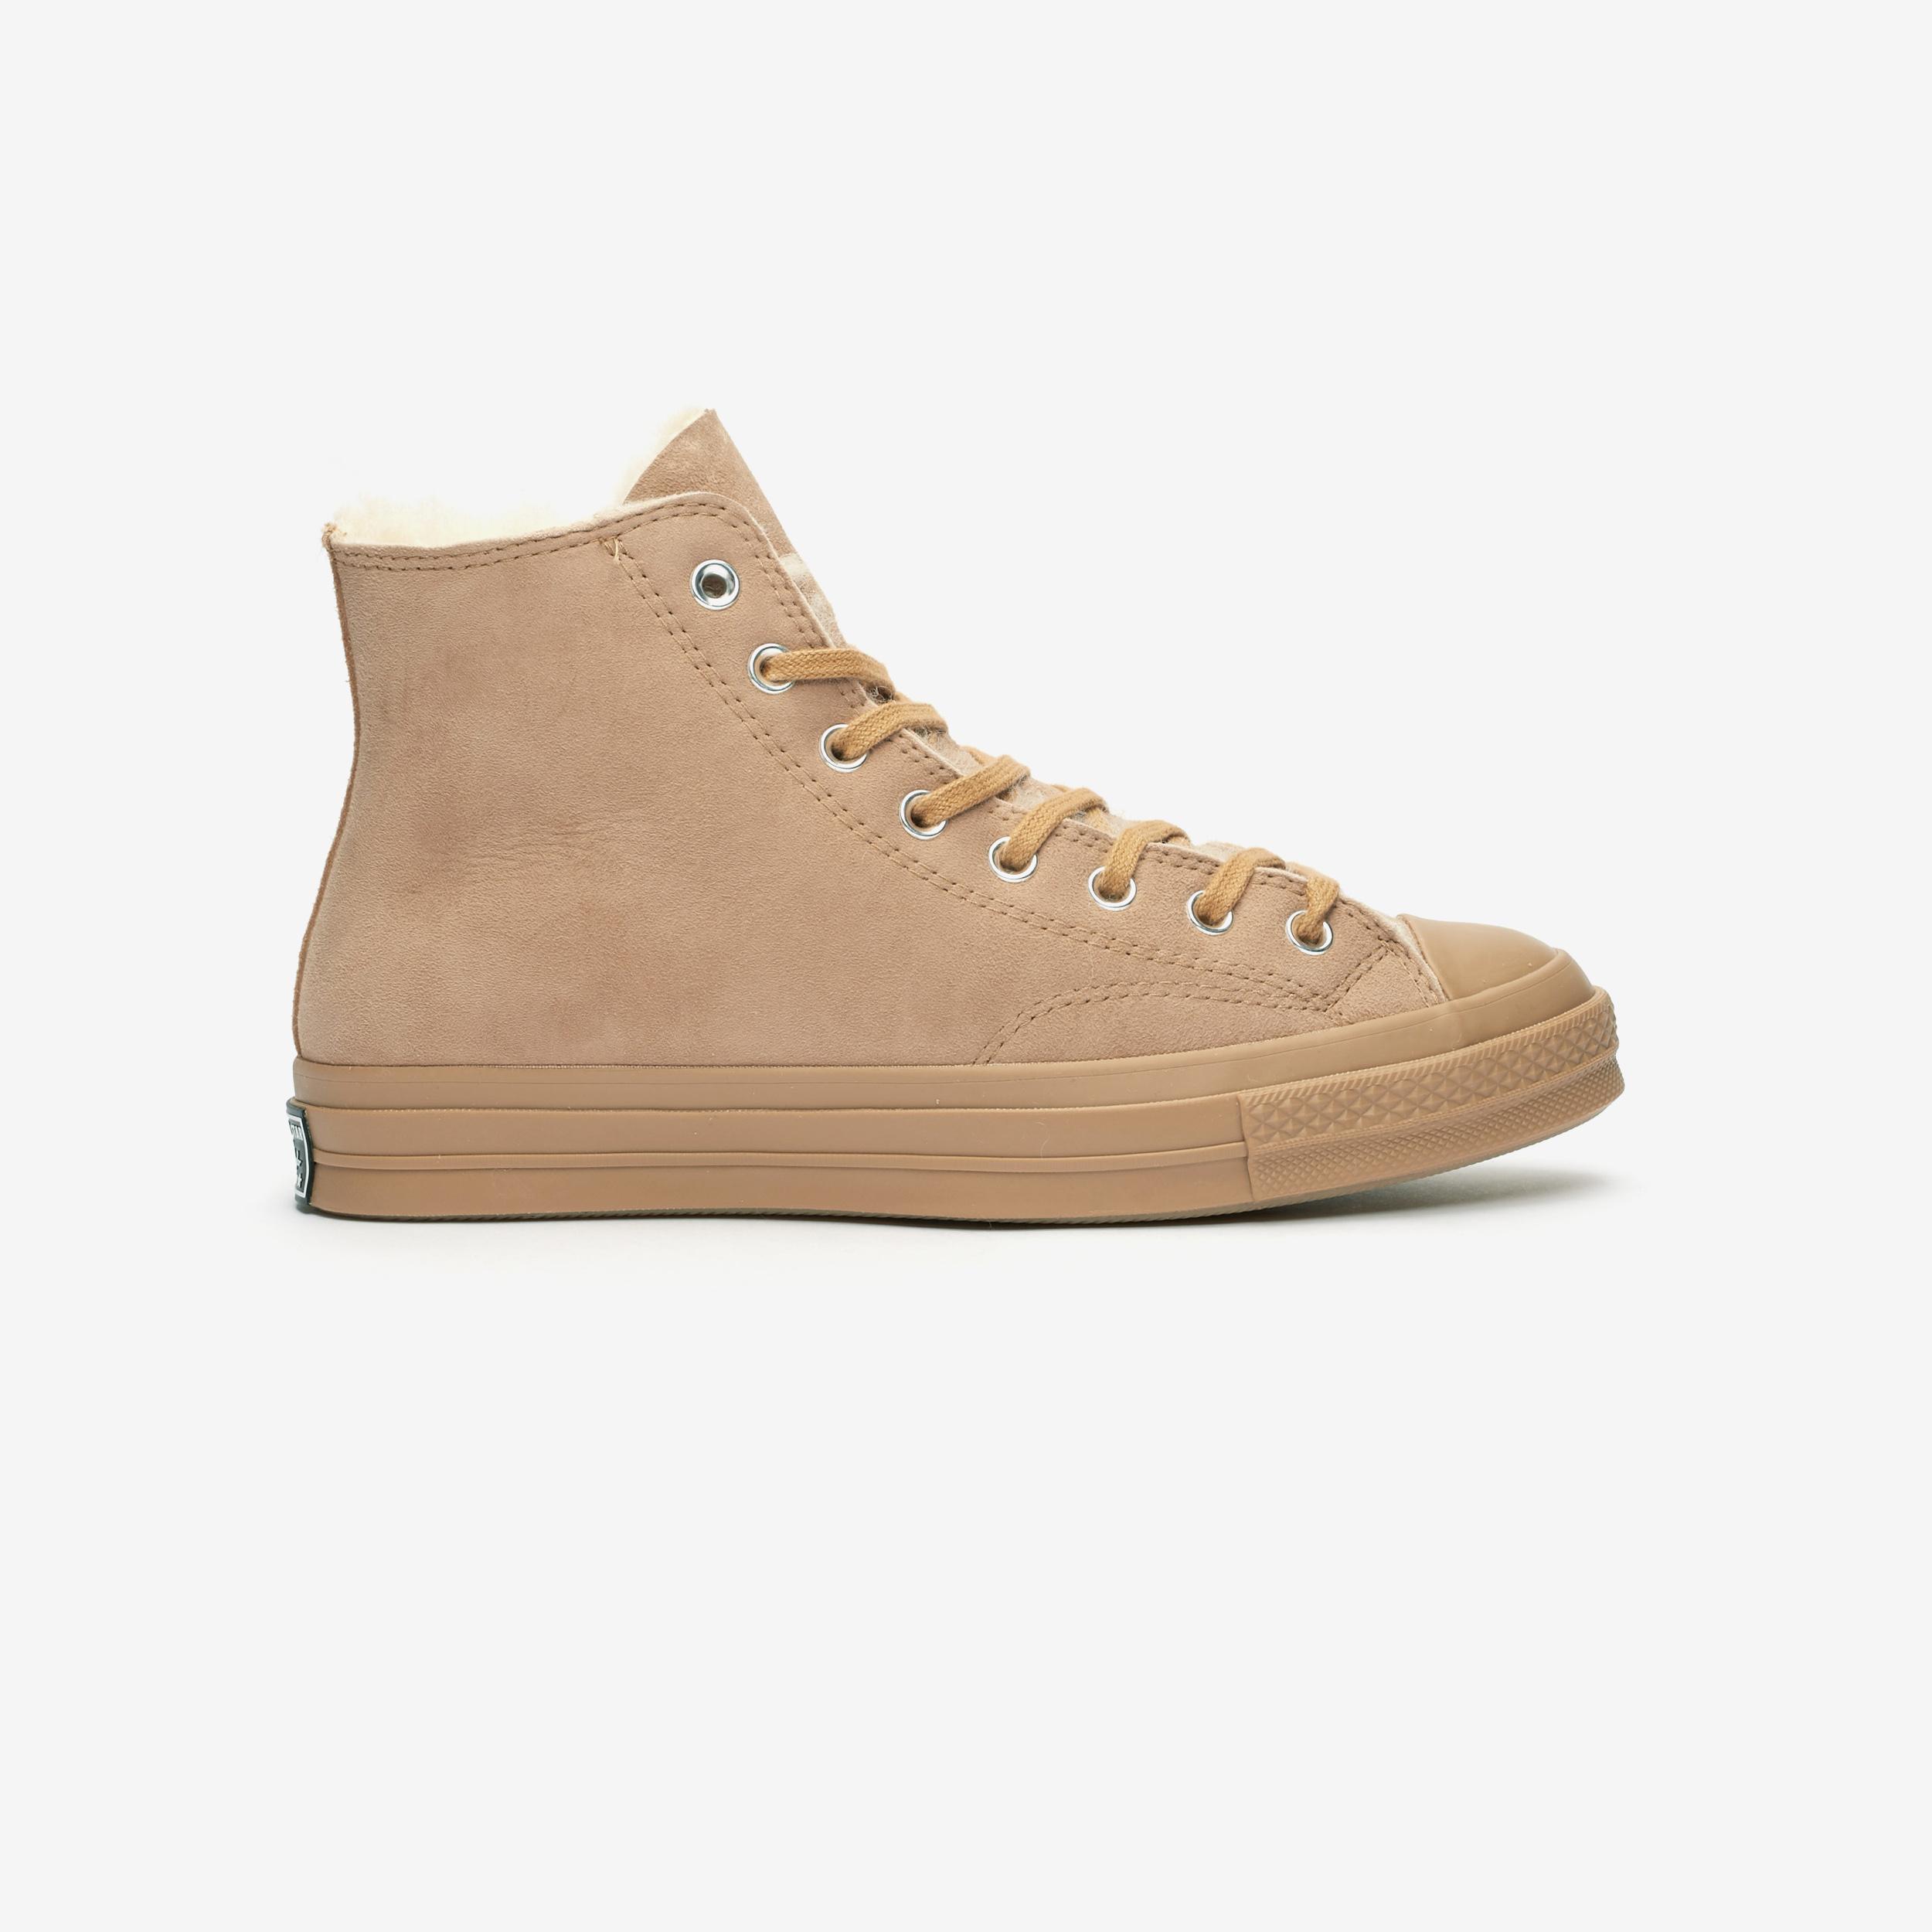 Converse Chuck 70 Hi 166318c Sneakersnstuff | sneakers